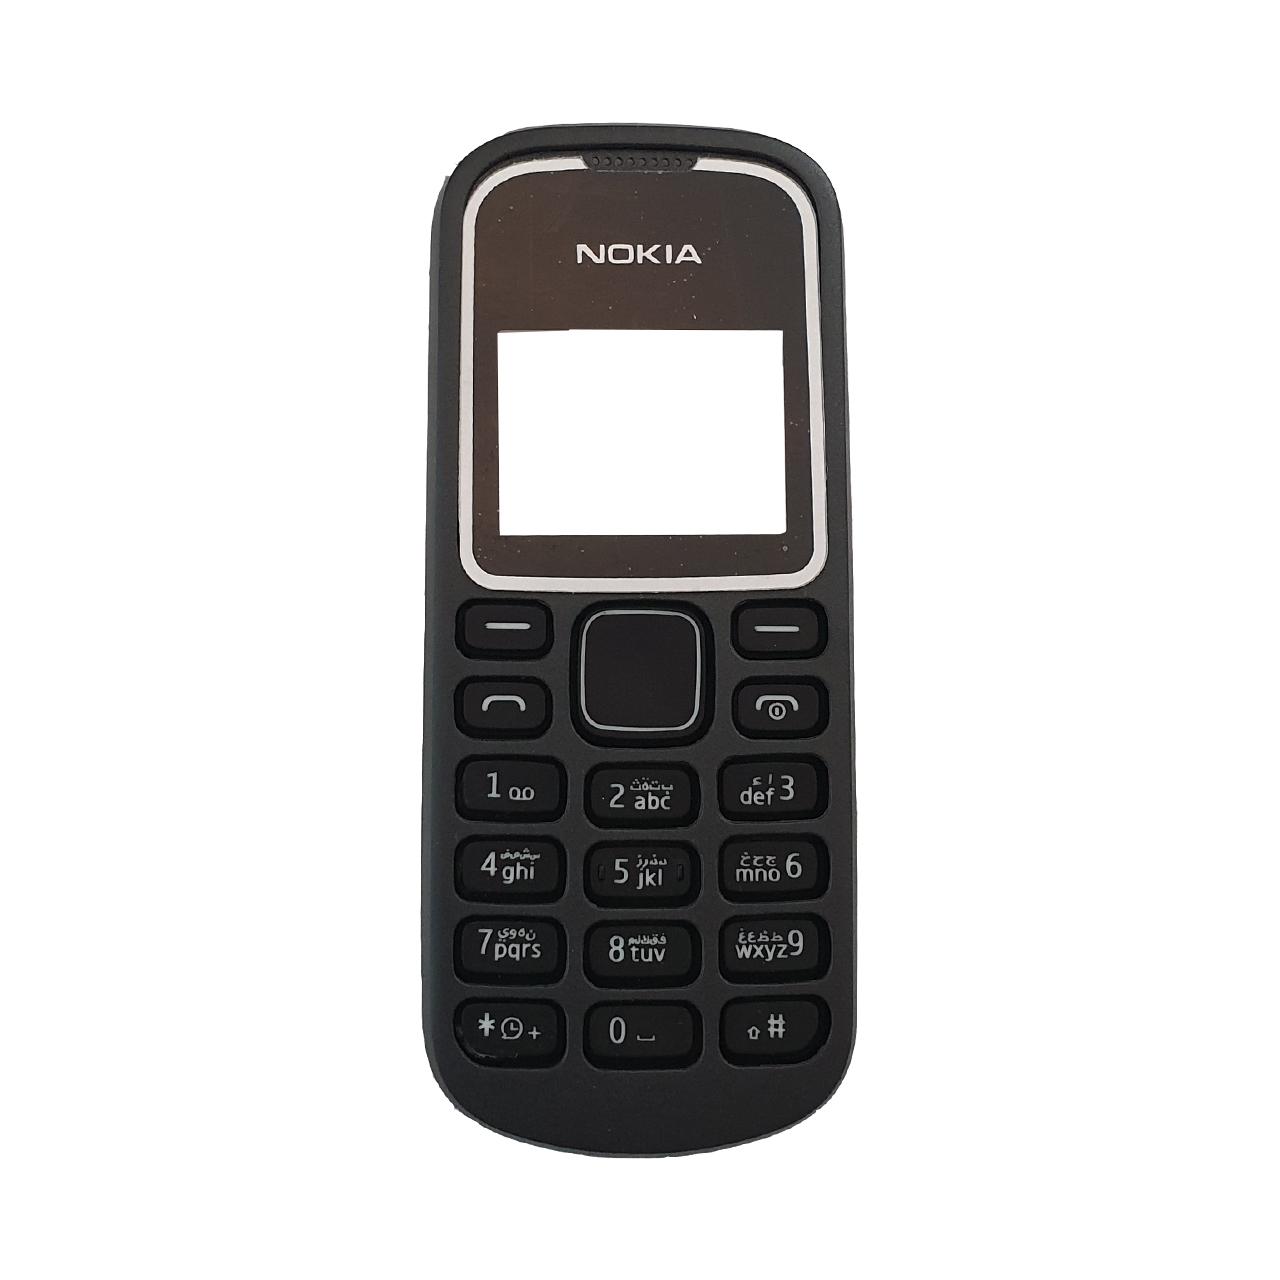 شاسی گوشی موبایل مدل GN-06 مناسب برای گوشی موبایل نوکیا 1280              ( قیمت و خرید)